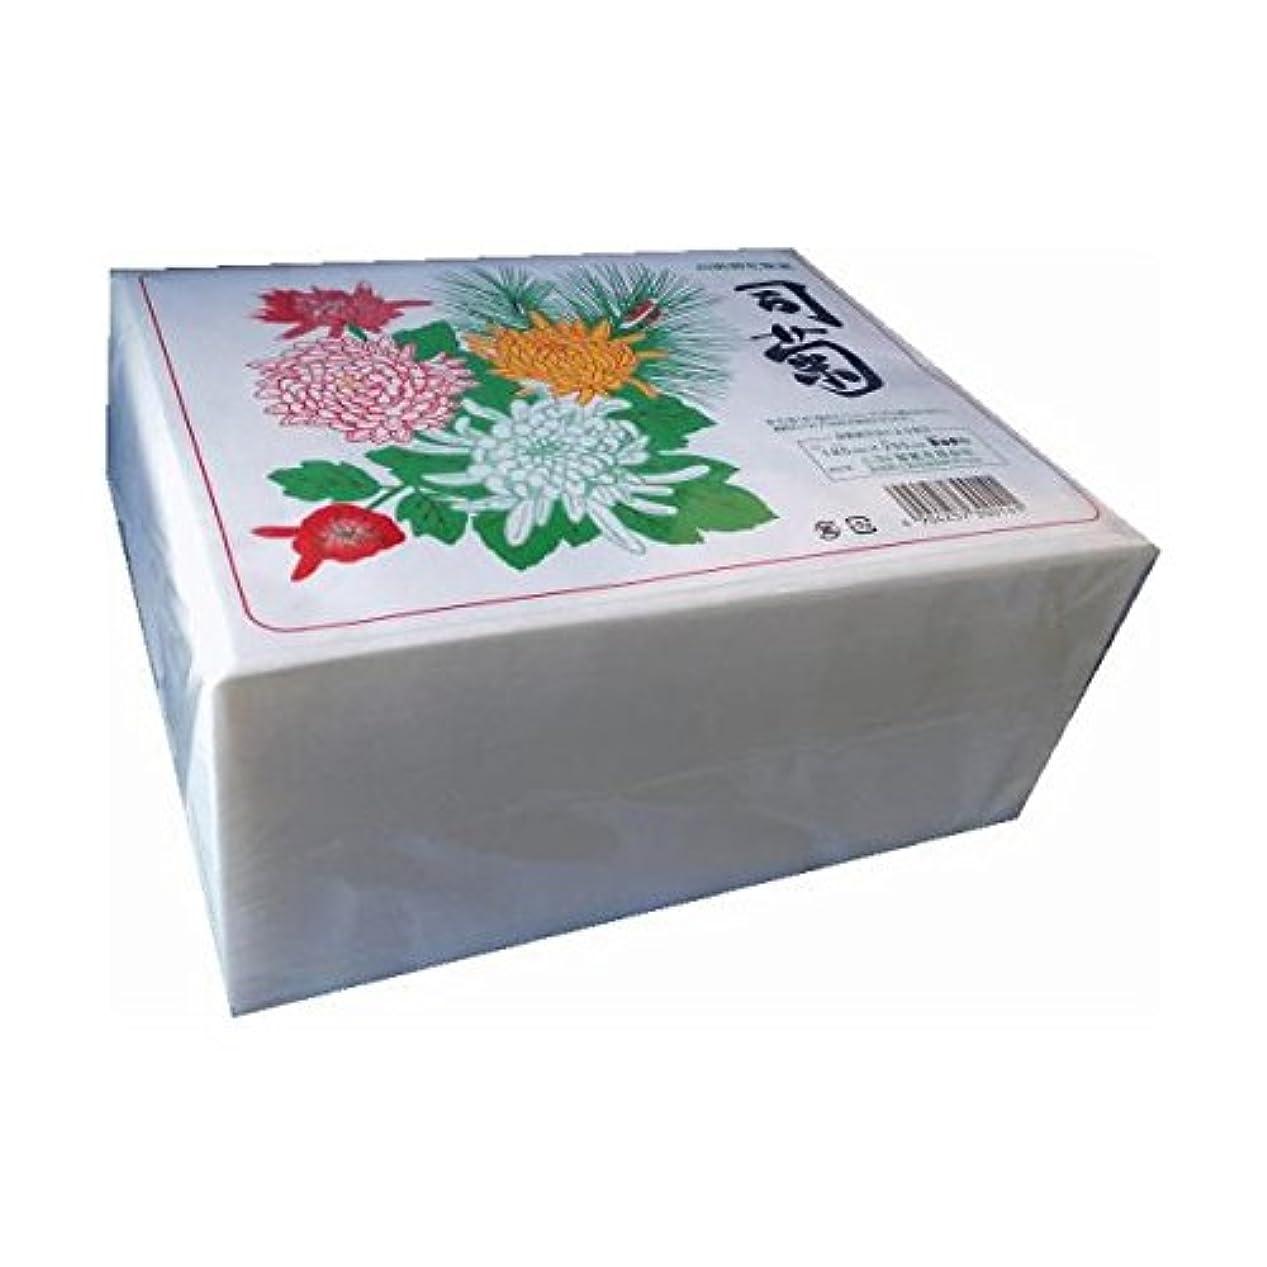 補体ペイント縁ニヨド製紙:高級御化粧紙 司菊 800枚 5個 4904257300141b